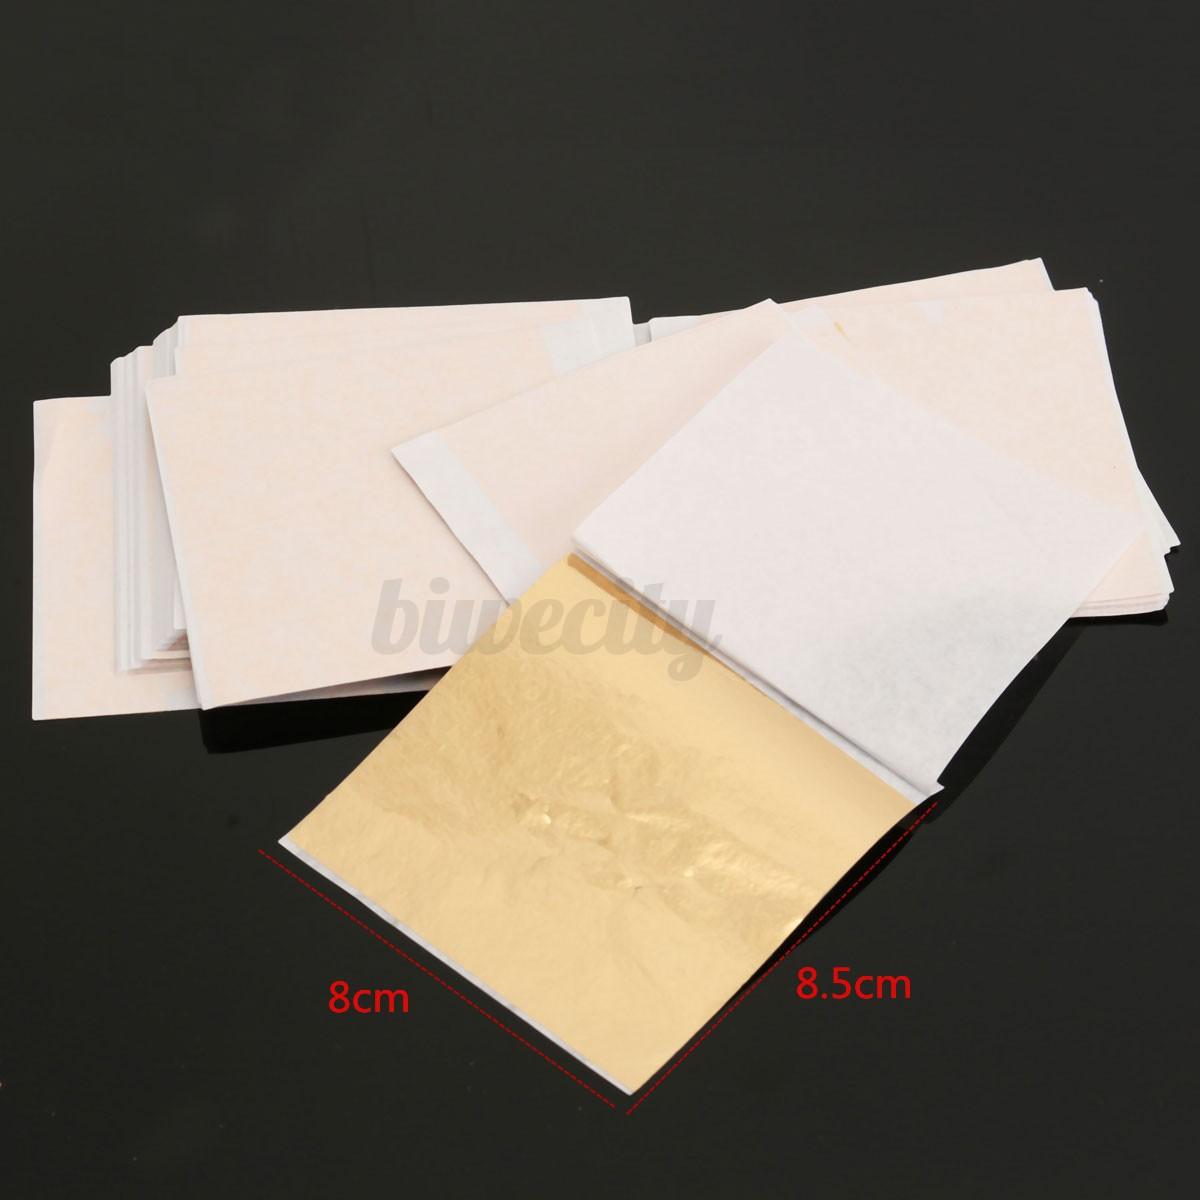 100 sheet imitation gold leaf champagne gold foil paper for Silver foil paper craft